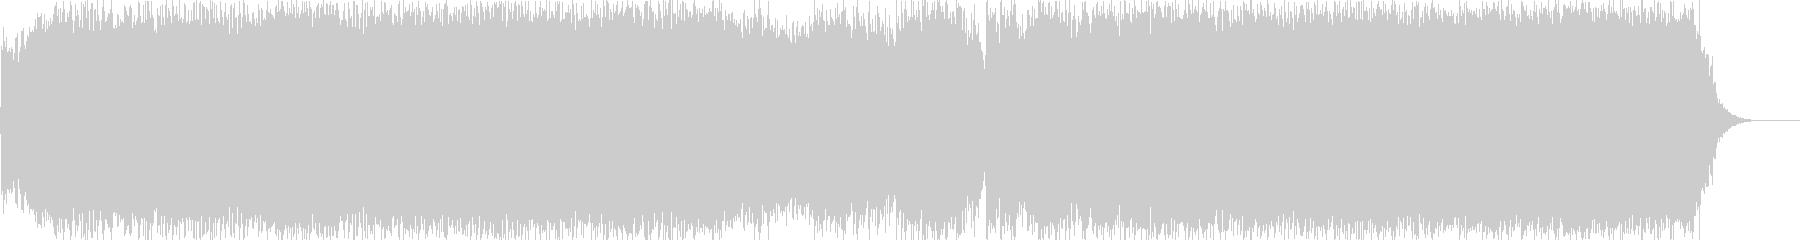 ダークファンタジーオーケストラ戦闘曲55の未再生の波形